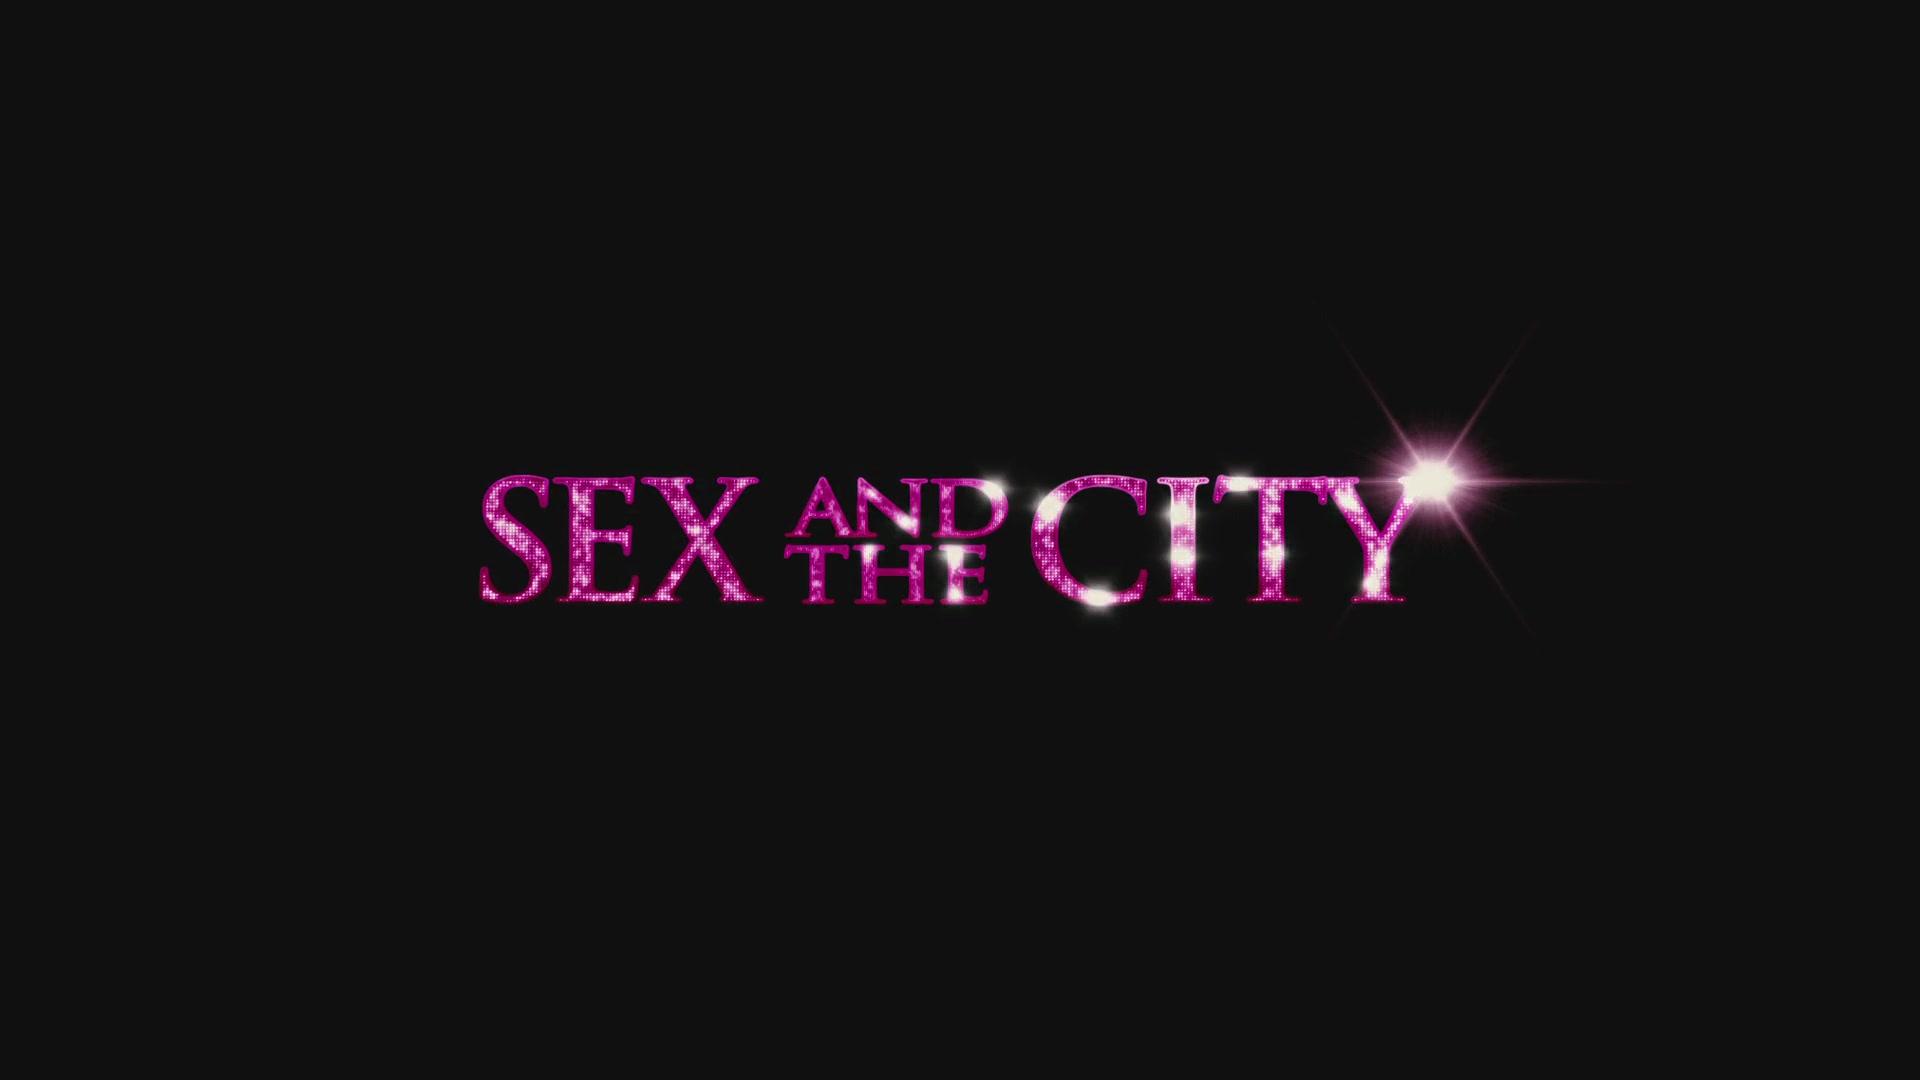 섹스 앤 더 시티 (Sex And The City, 2008)